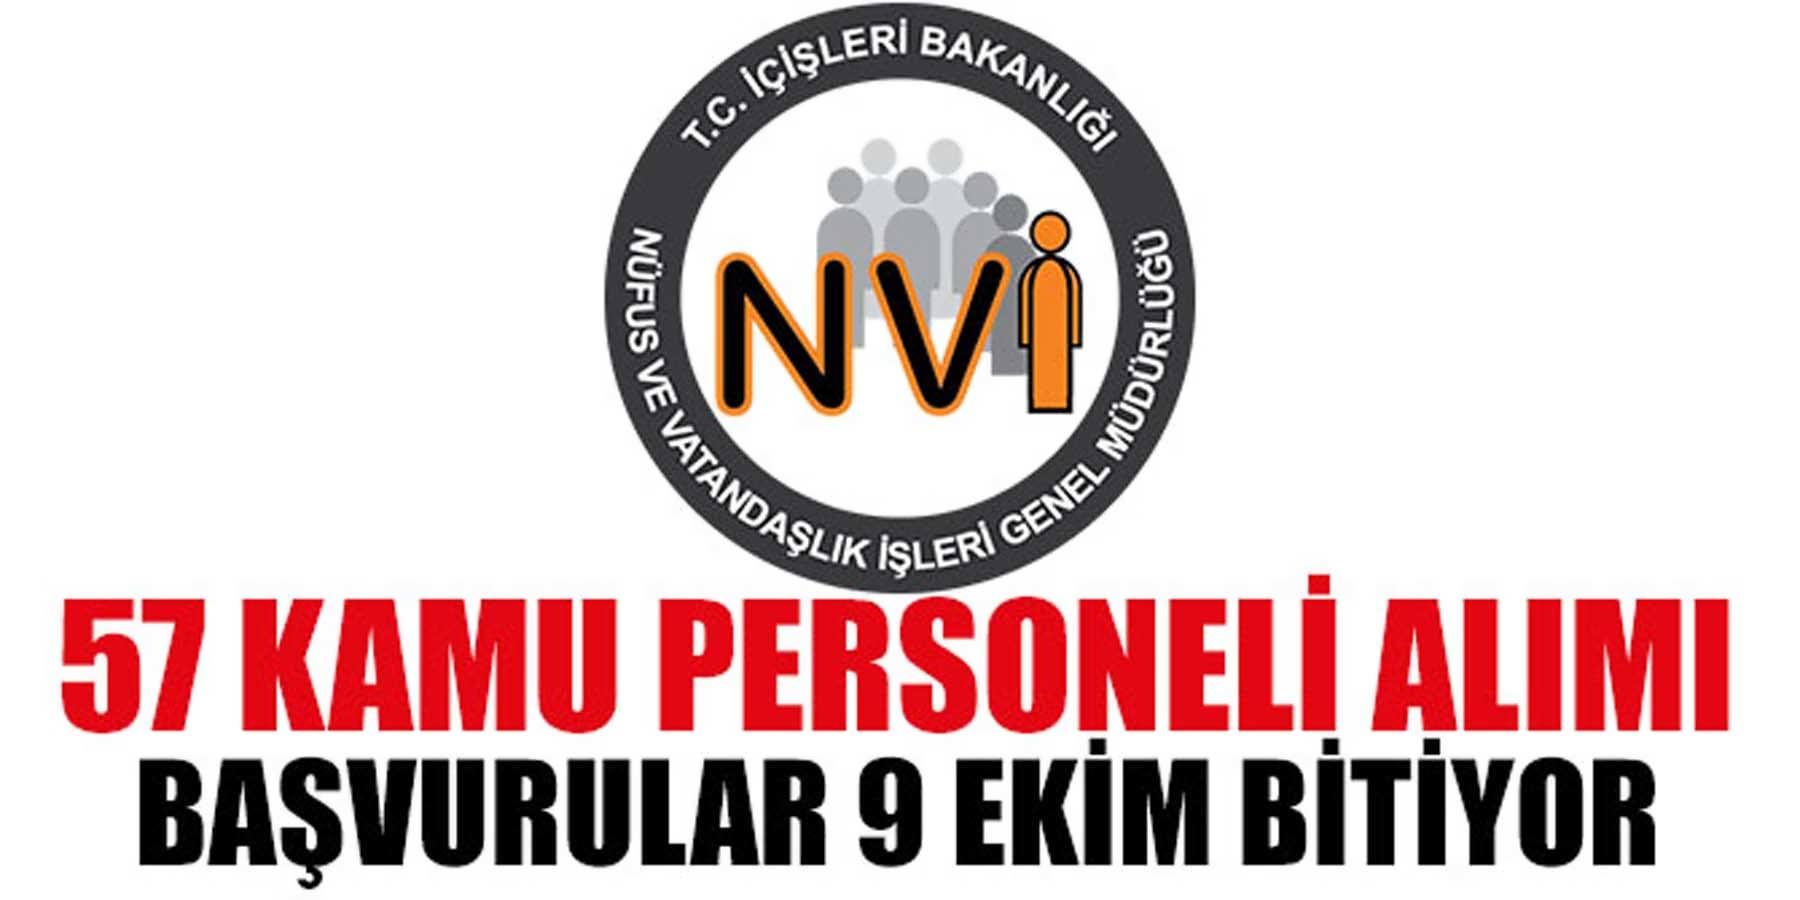 Nüfus Müdürlüğü 57 Kamu Personeli Alımı Son Başvuru 9 Ekim